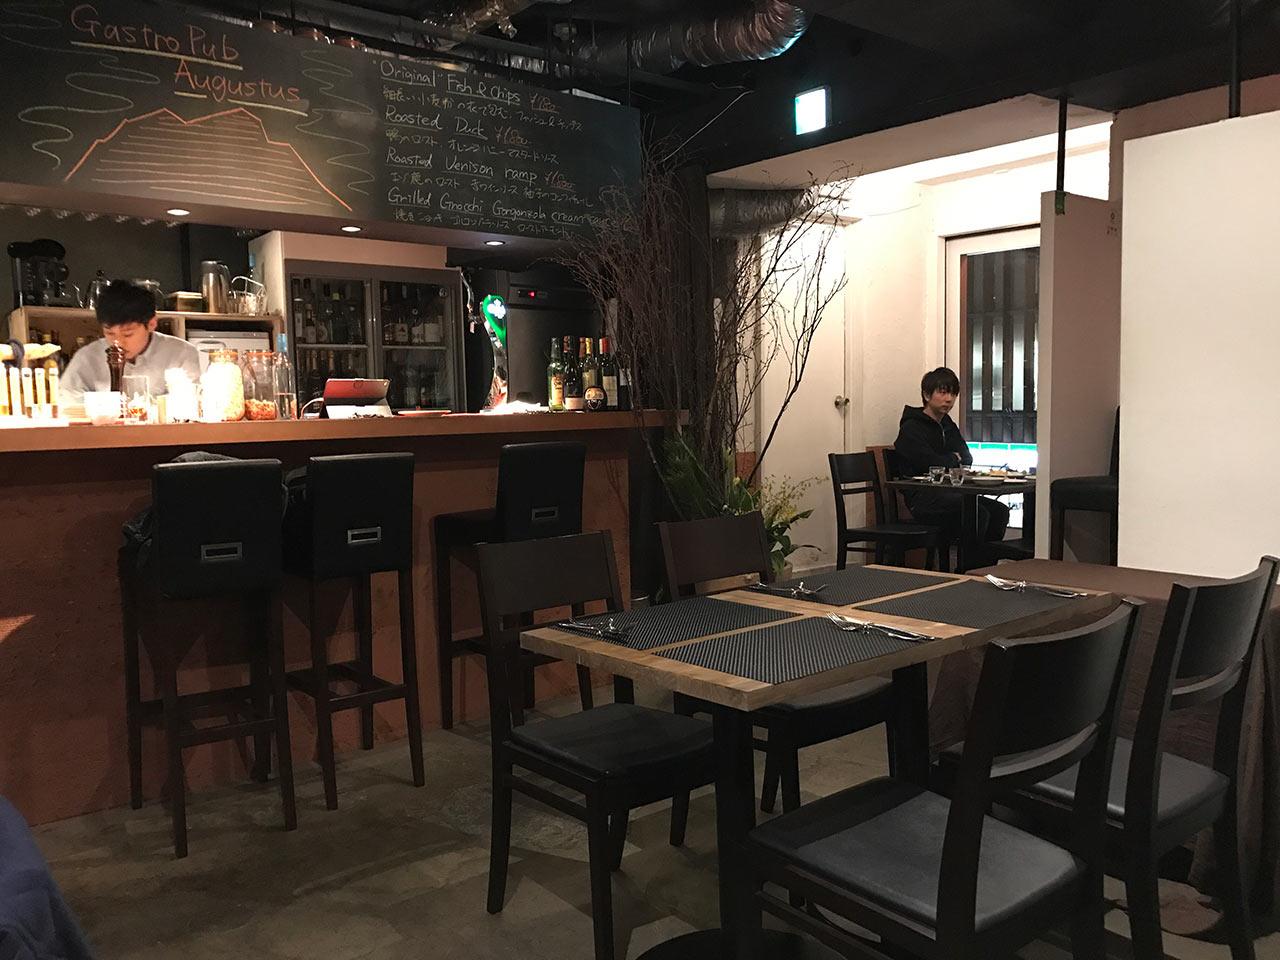 渋谷「ガストロパブ オーガスタス」の店内の様子